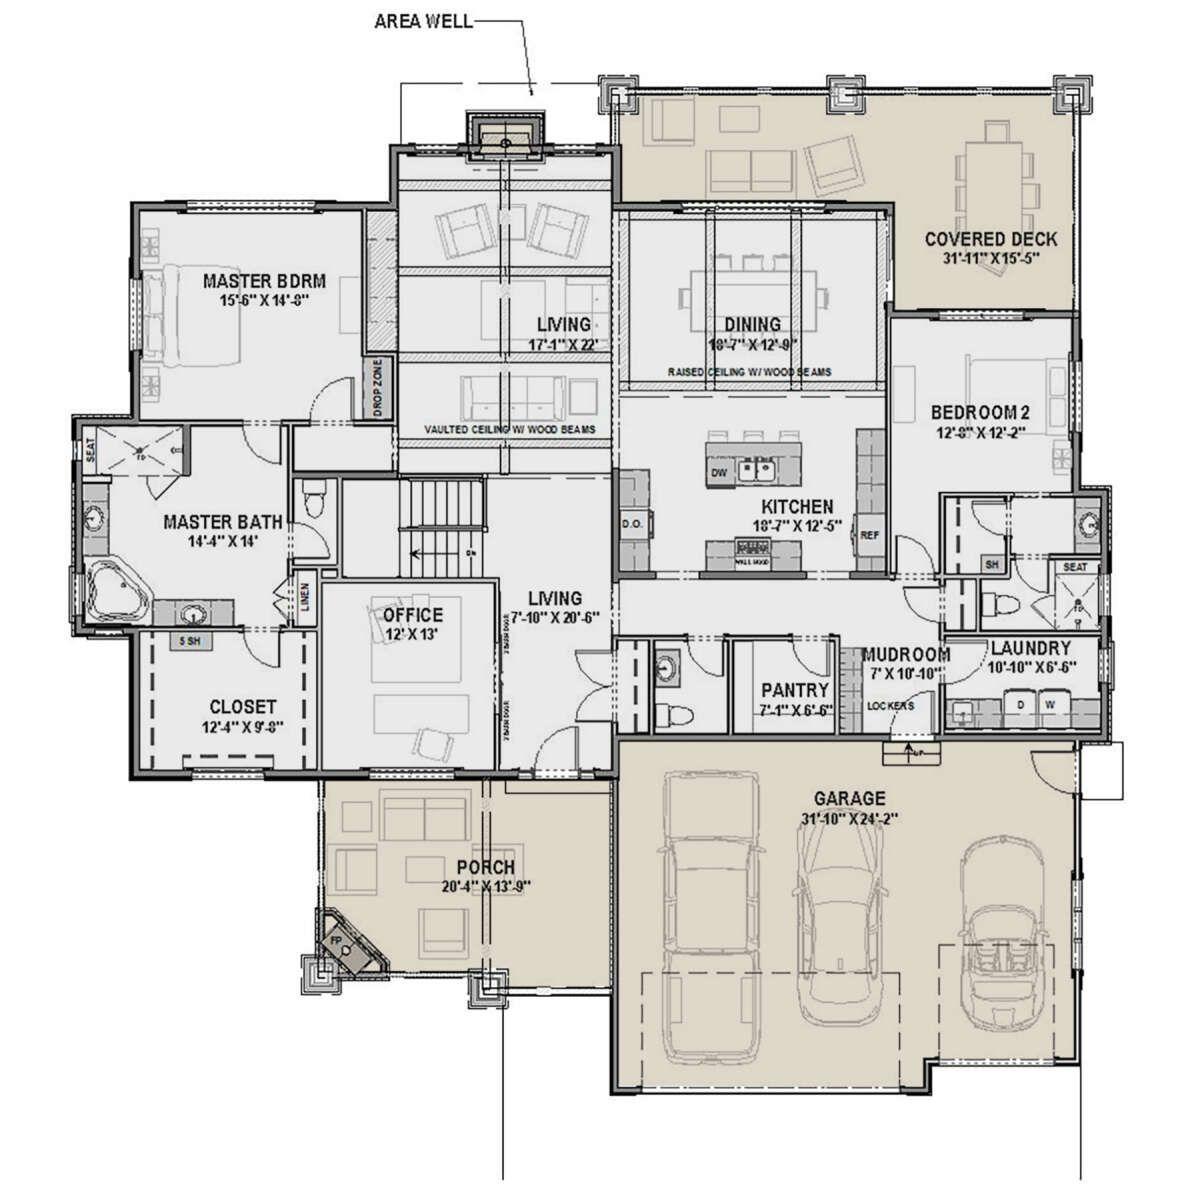 House Plan 425 00034 Craftsman Plan 2 556 Square Feet